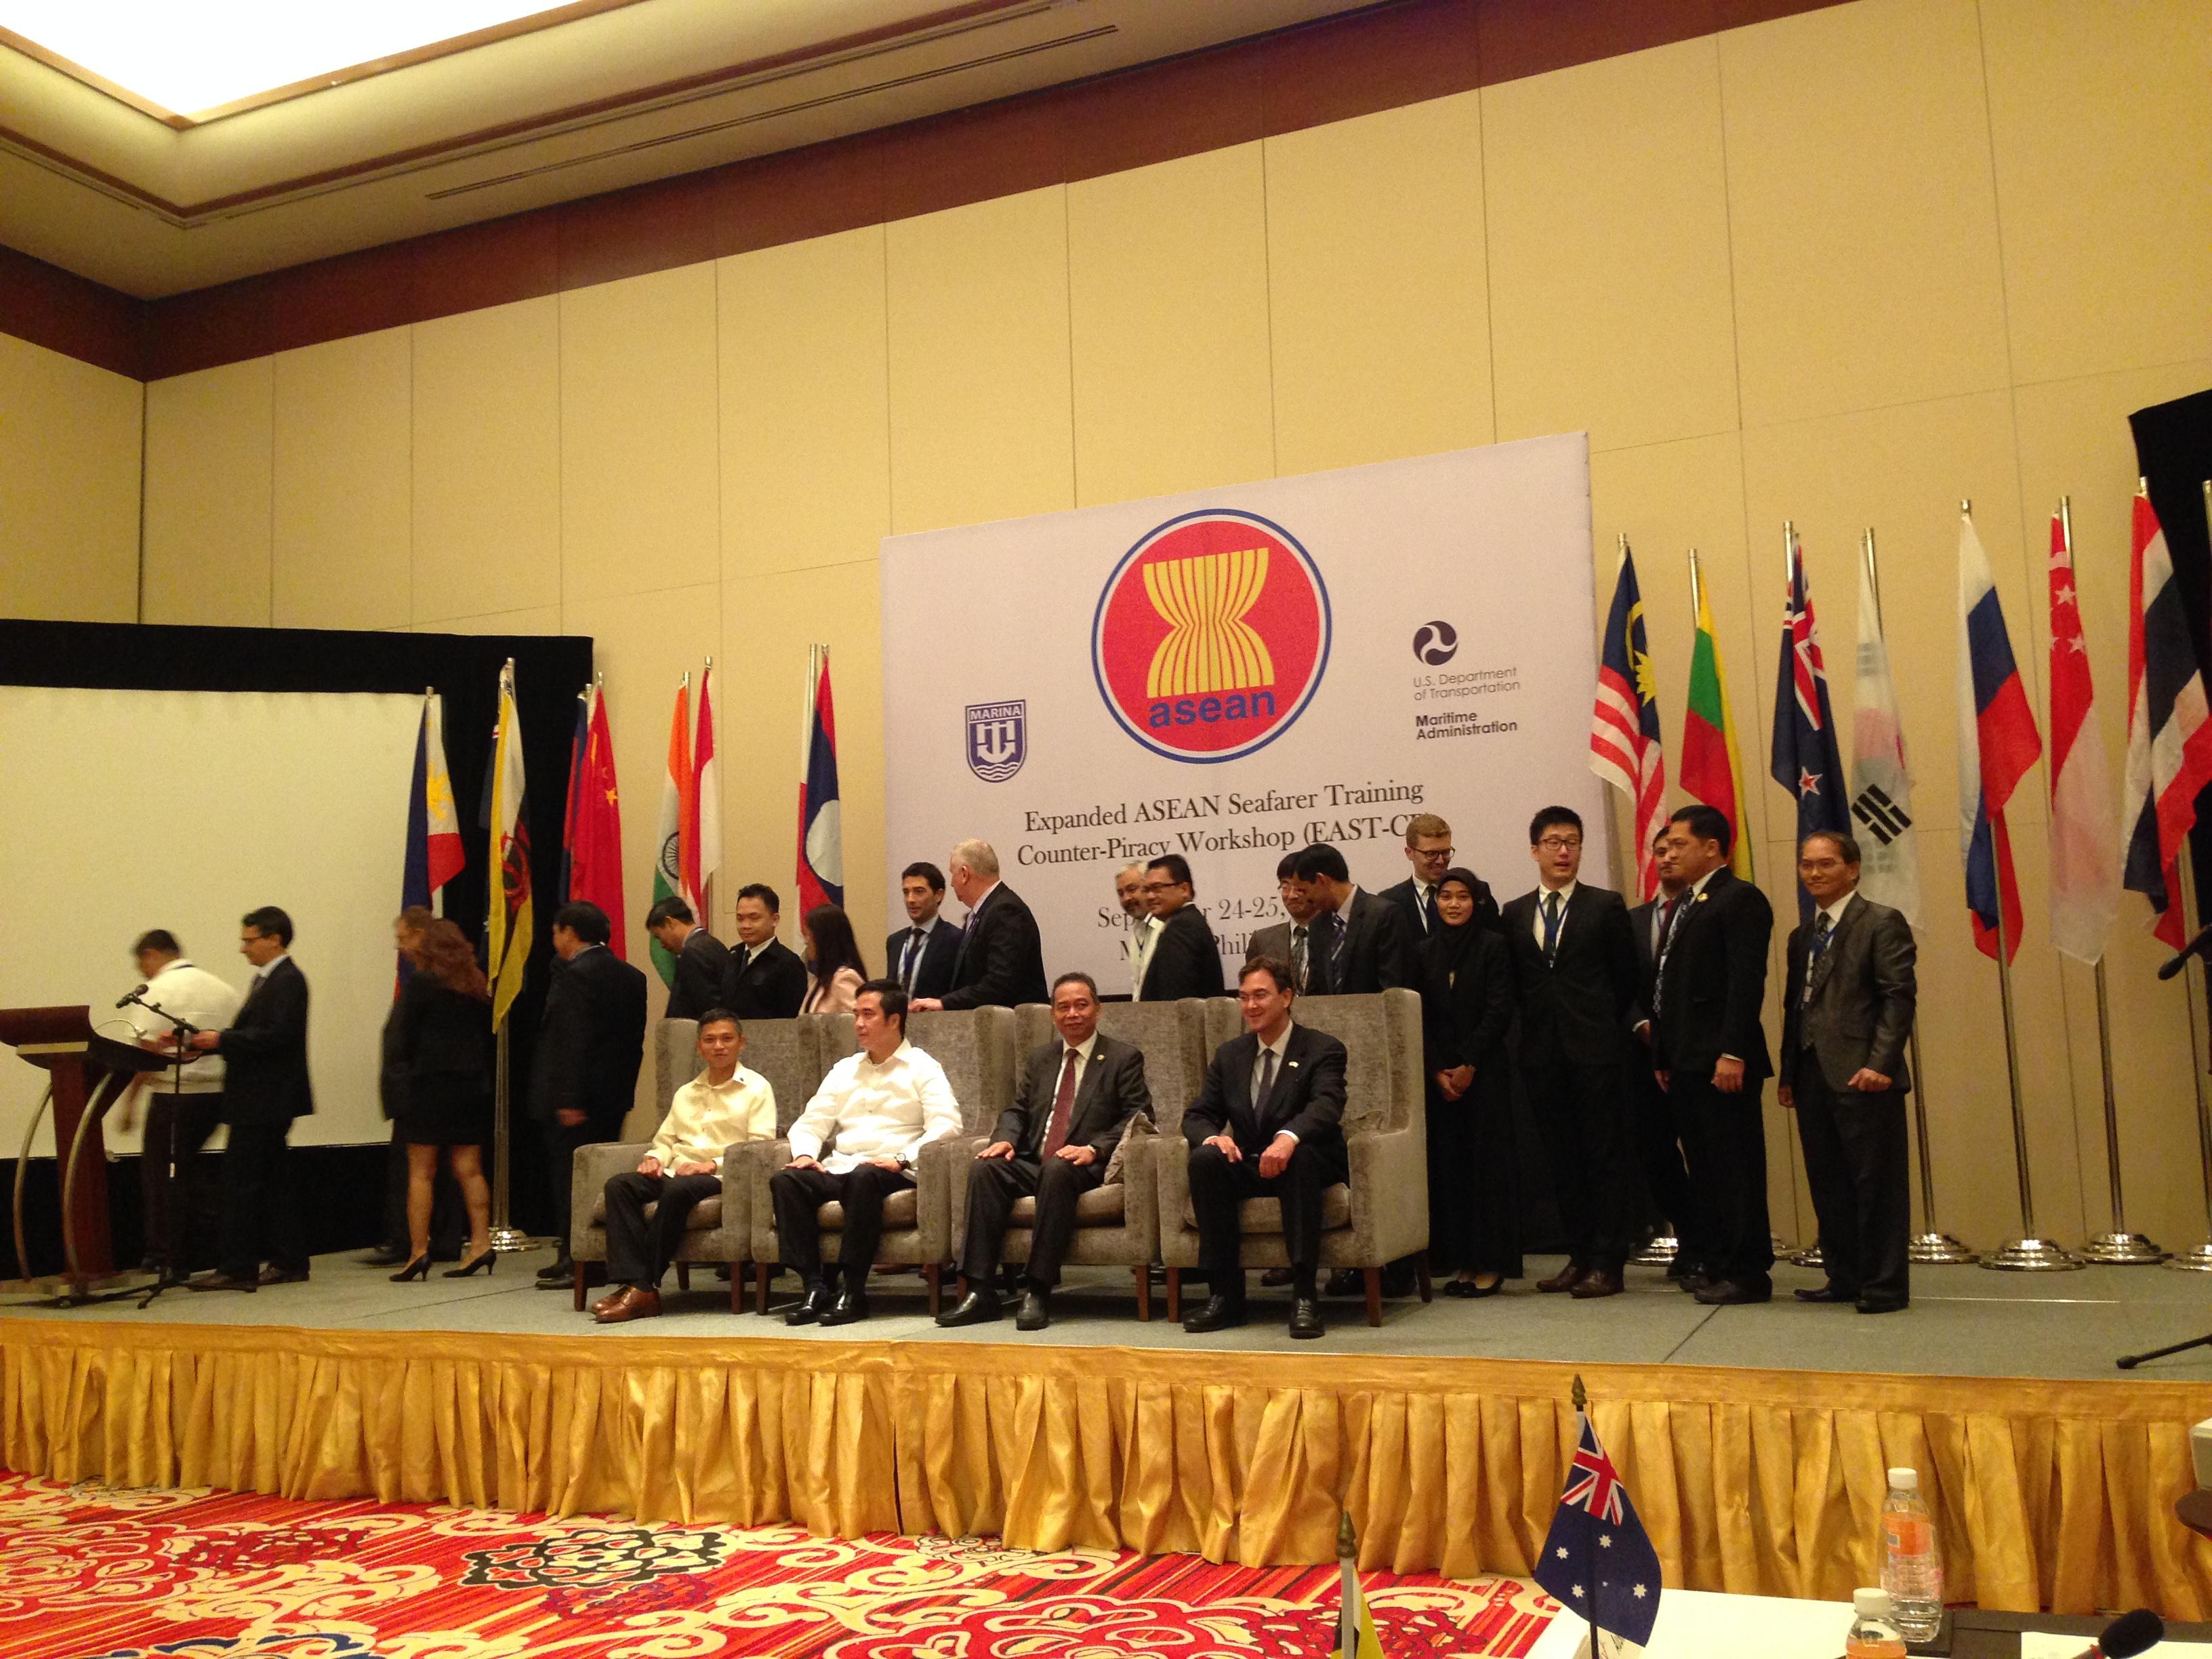 ANGKLA Party-list, Nanawagan para sa Seguridad ng mga Marino Kontra-Piracy